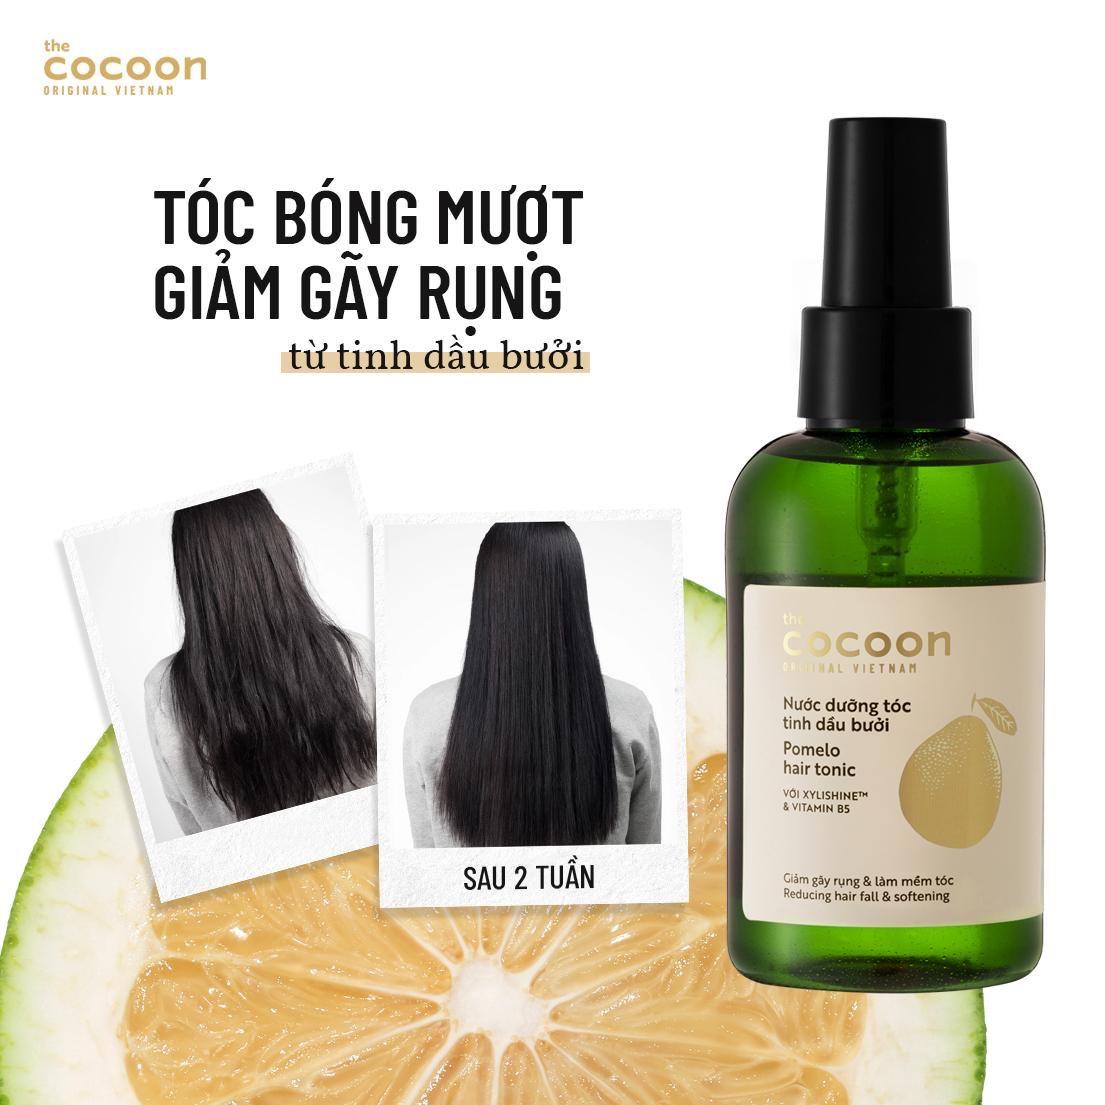 Hiệu quả Nước Dưỡng Tóc Cocoon Tinh Dầu Bưởi Pomelo Hair Tonic 140ml